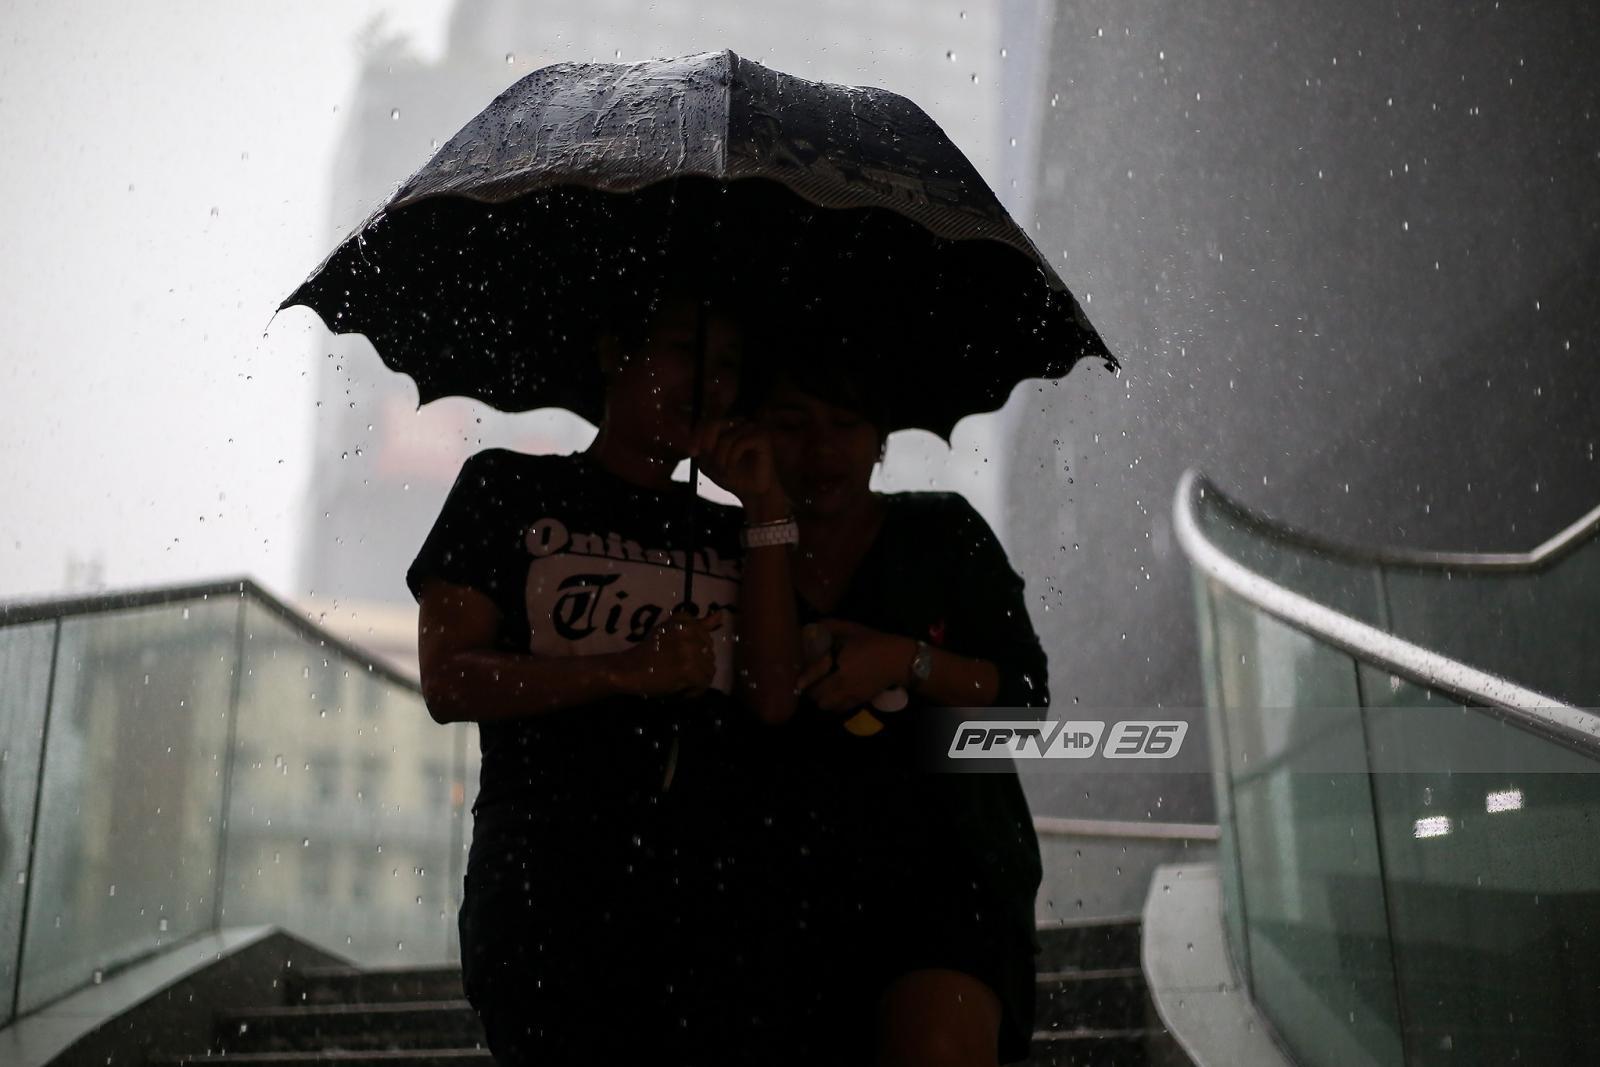 อุตุฯ เตือนไทยตอนบน ระวังพายุฤดูร้อน 5-7 เม.ย. นี้